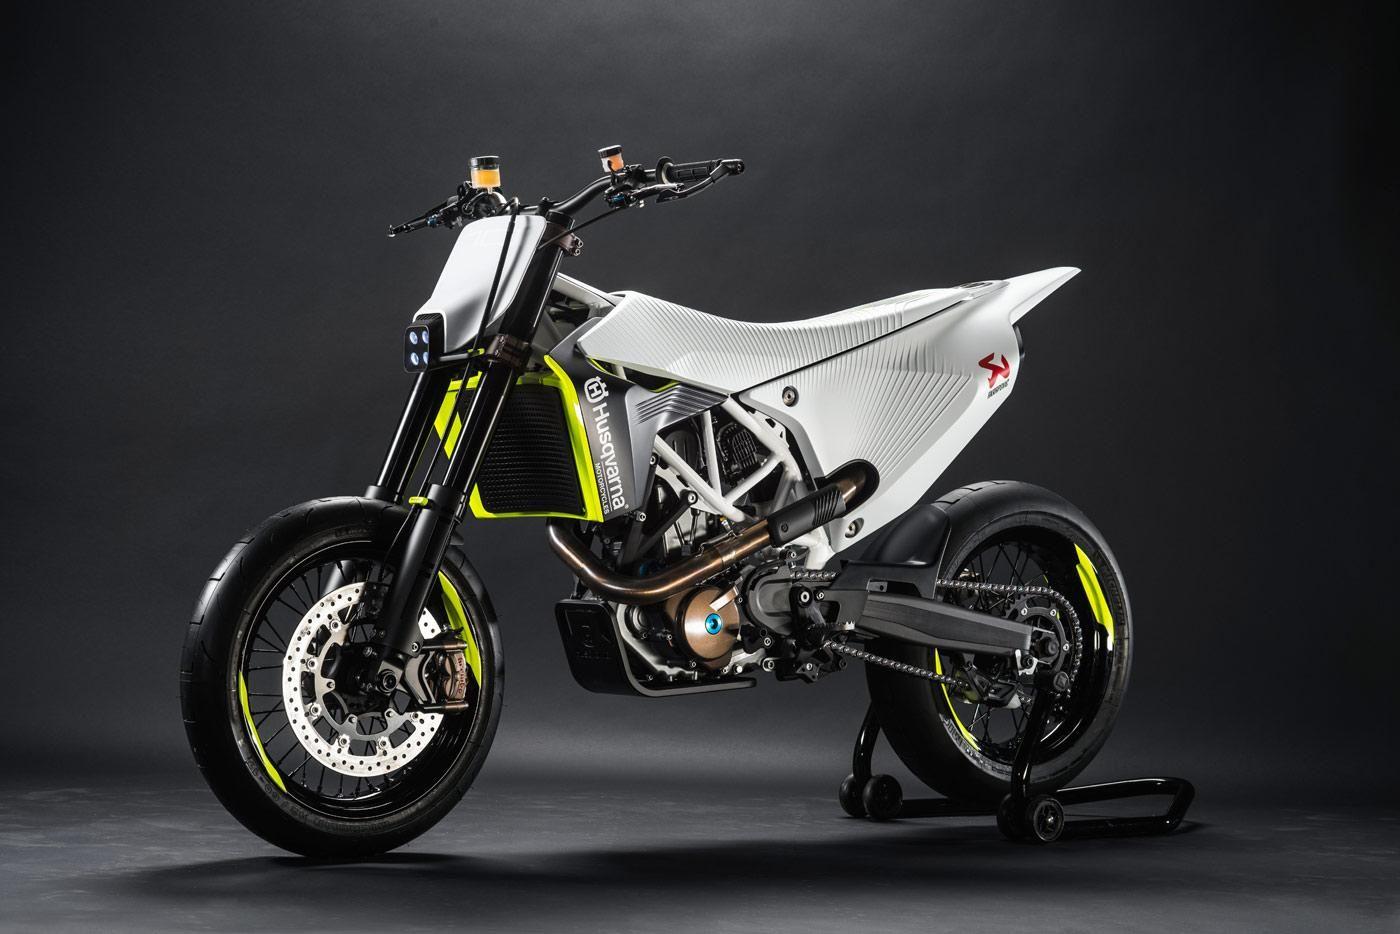 Supermoto ktm 690 stunt concept bikemotorcycletuned car tuning car - Husqvarna 701 Supermoto Concept Vielleicht Schon F R 75 Ps Auf 690 Kubik